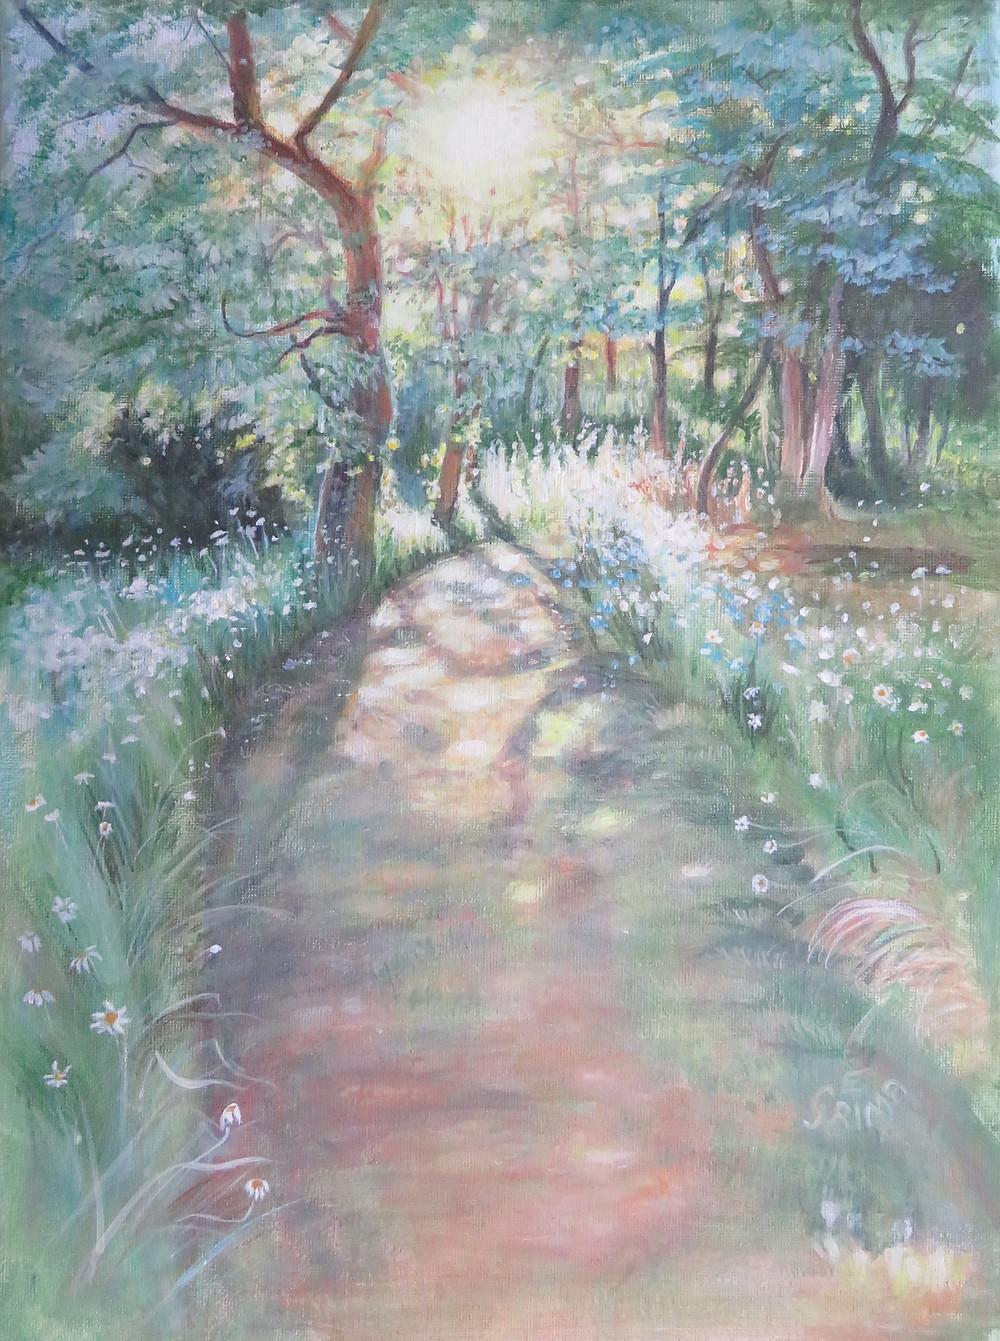 Morning walk. Painting by Eleizabeth grima